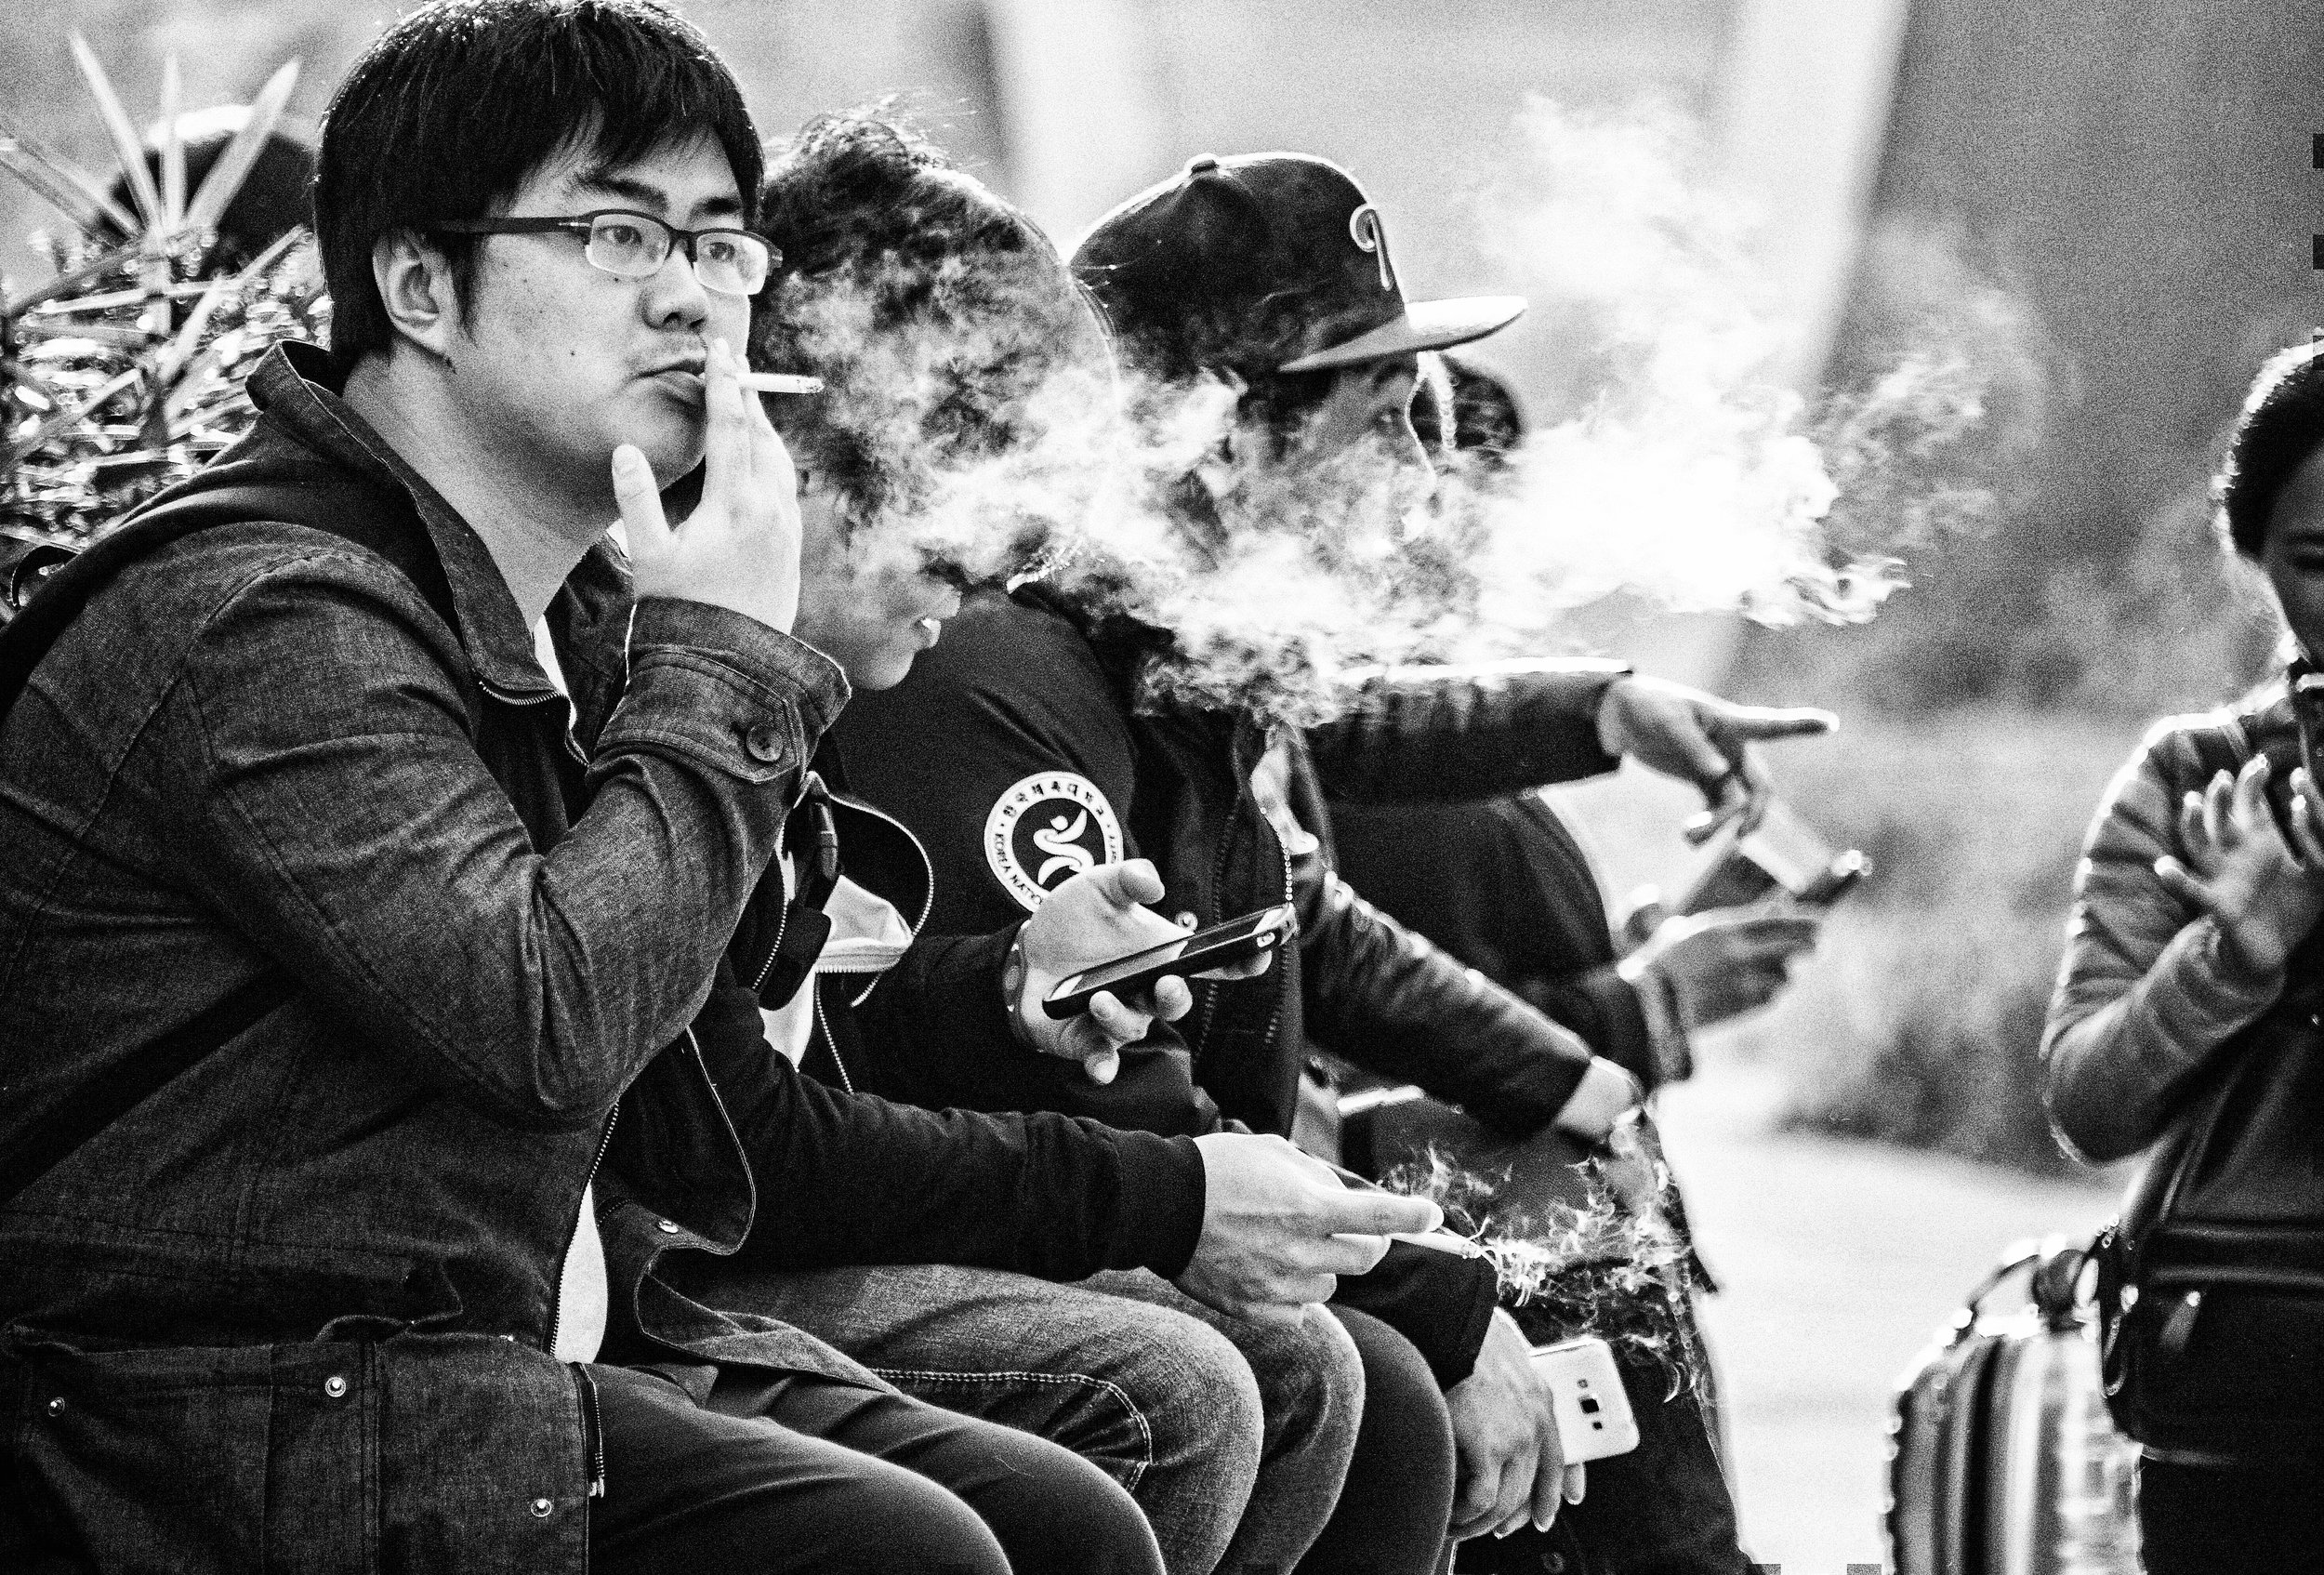 Boys smoking at iPark #14 - yes.JPG